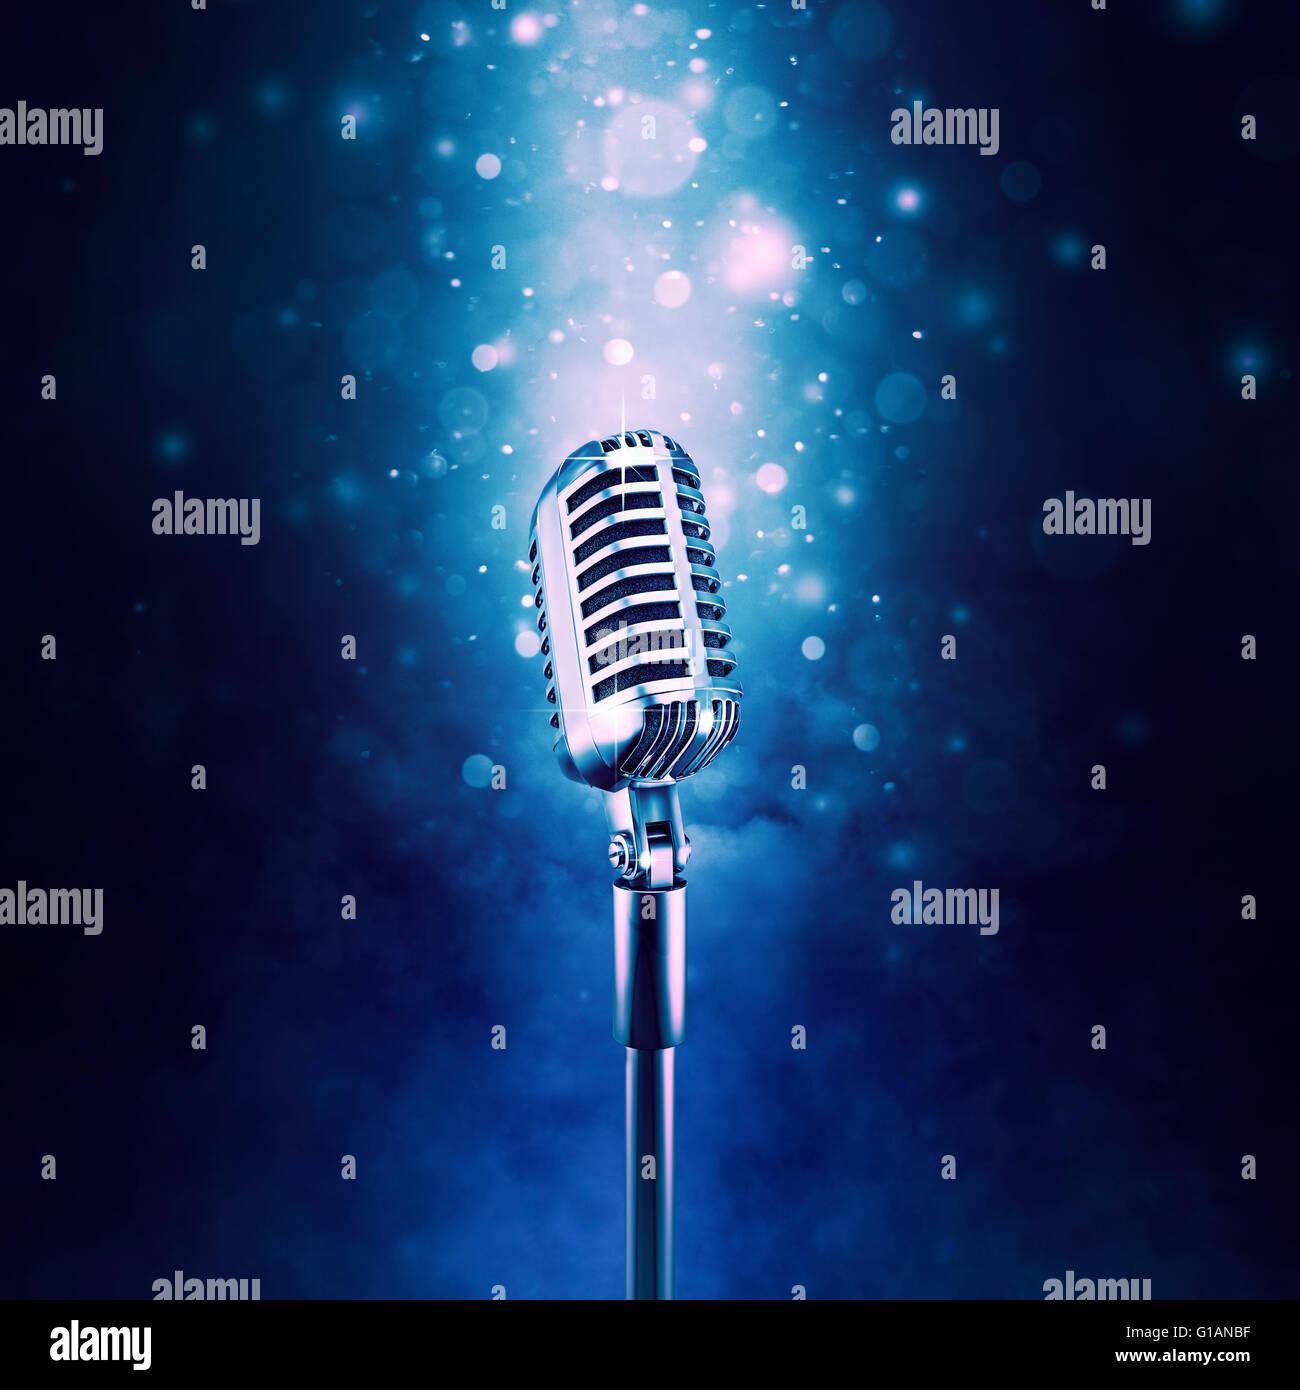 Retro-Mikrofon hervorgehobenen / 3D Illustration von altmodisch classic Mikrofon auf glitzernden Bokeh Hintergrund Stockbild